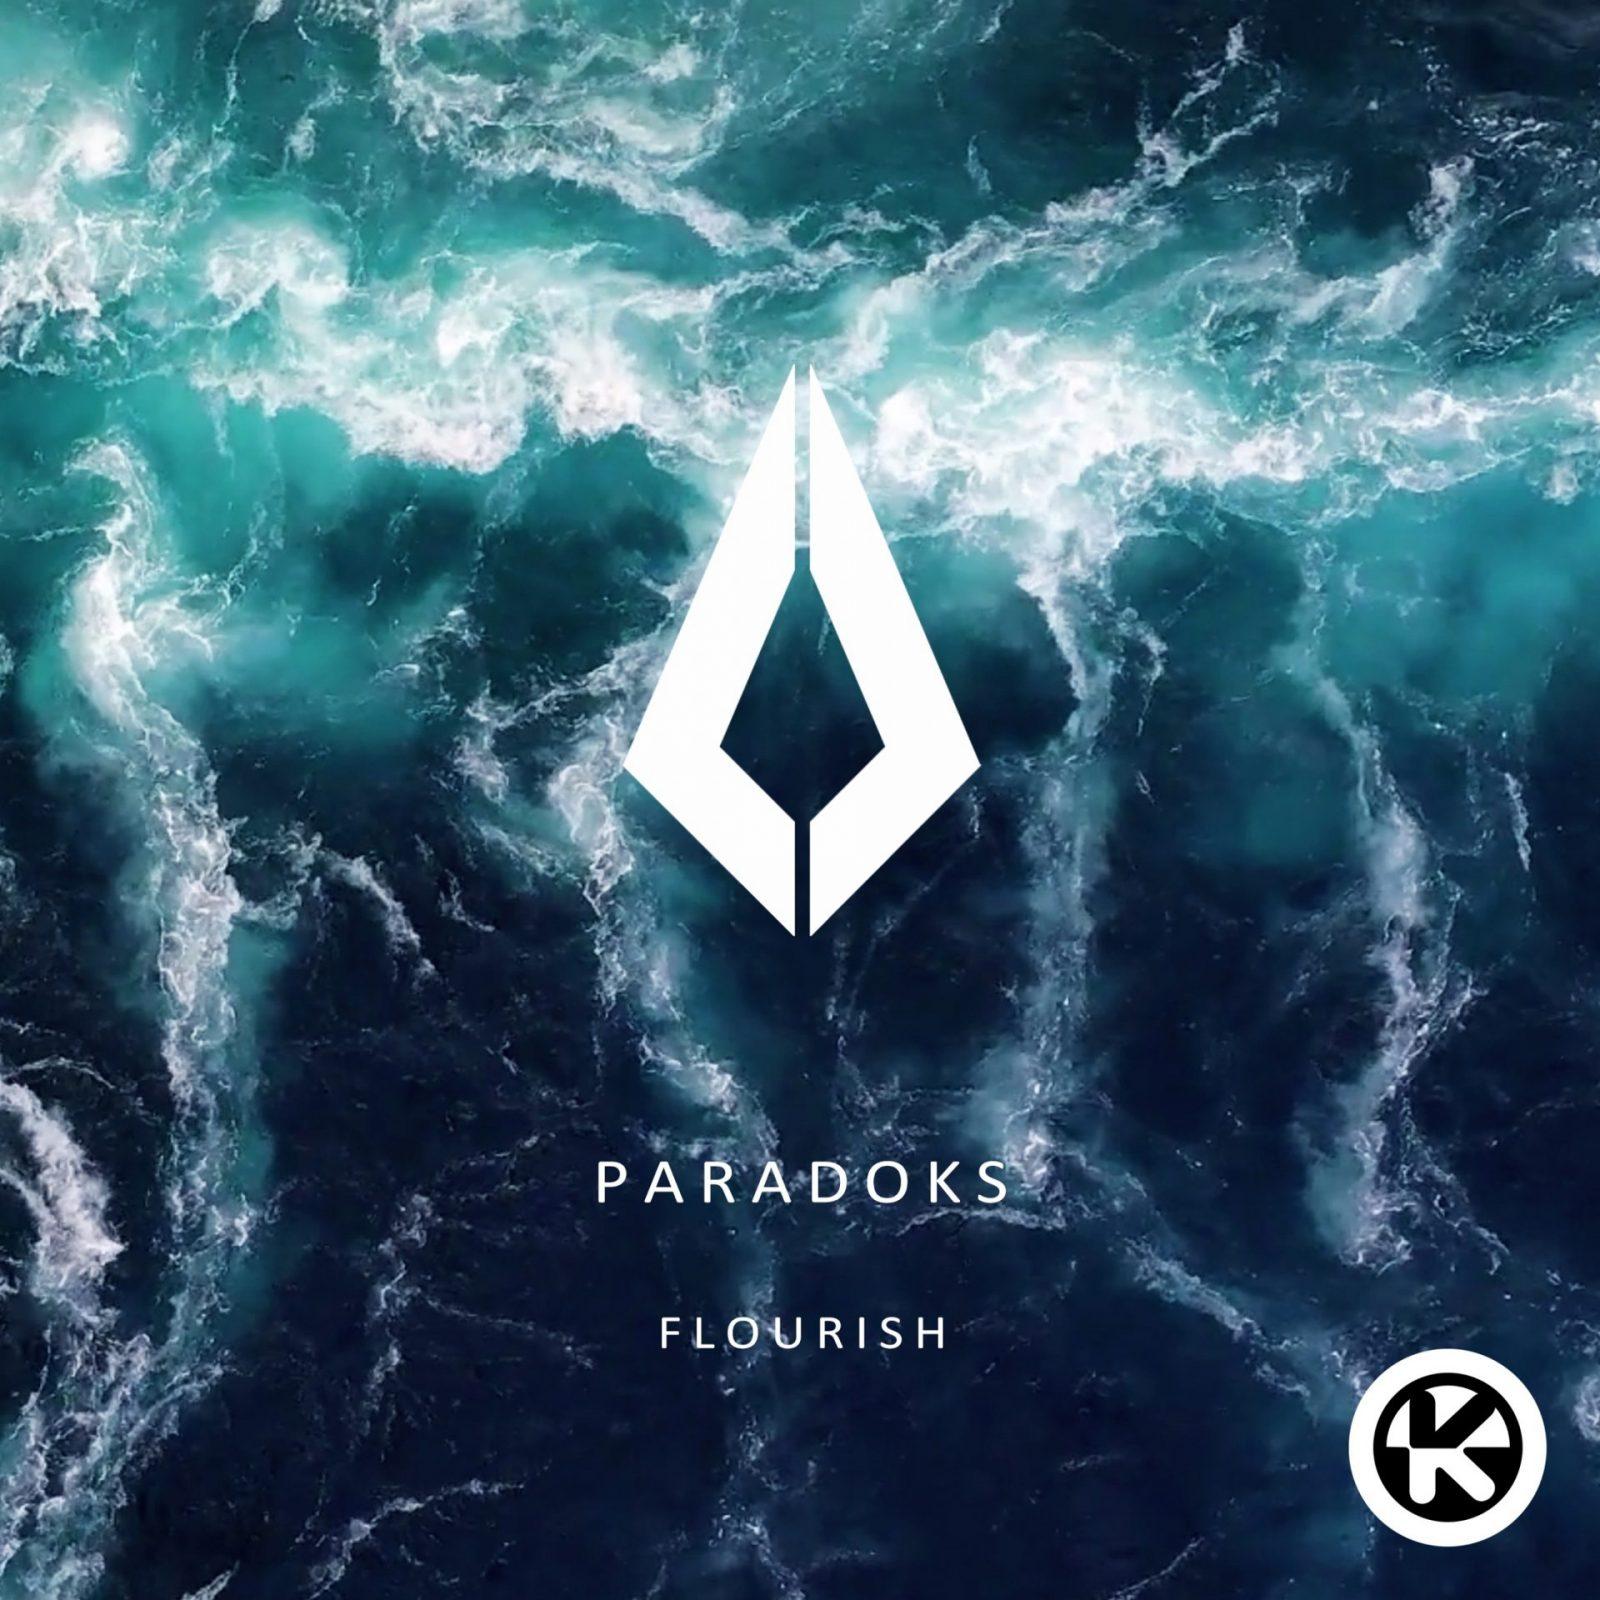 PARADOKS - FLOURISH